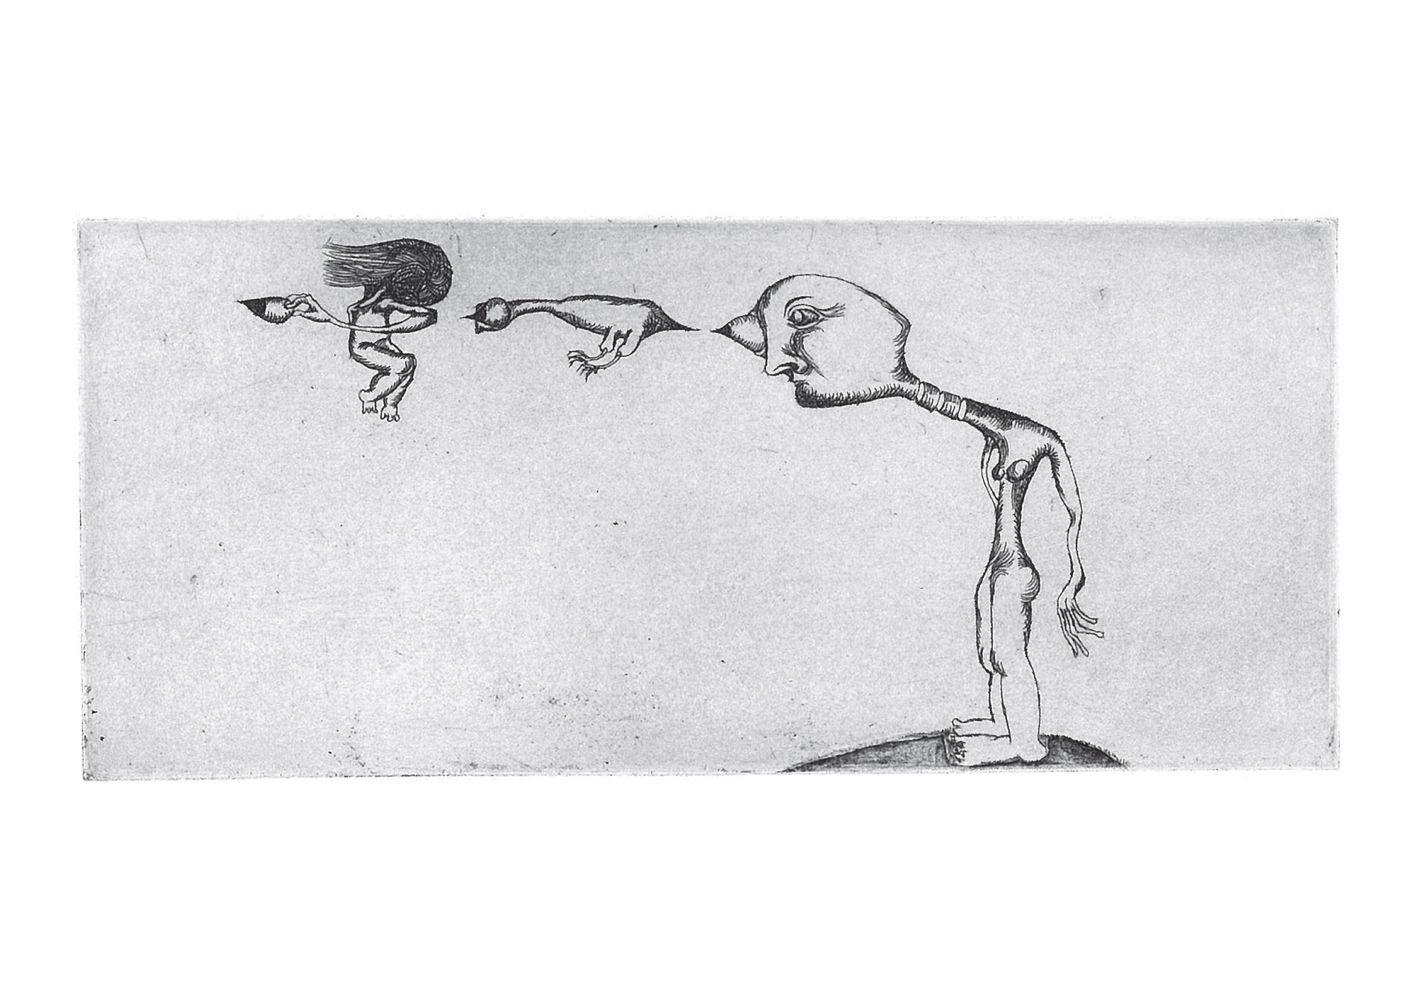 Lui - gravure de Sonja Hopf